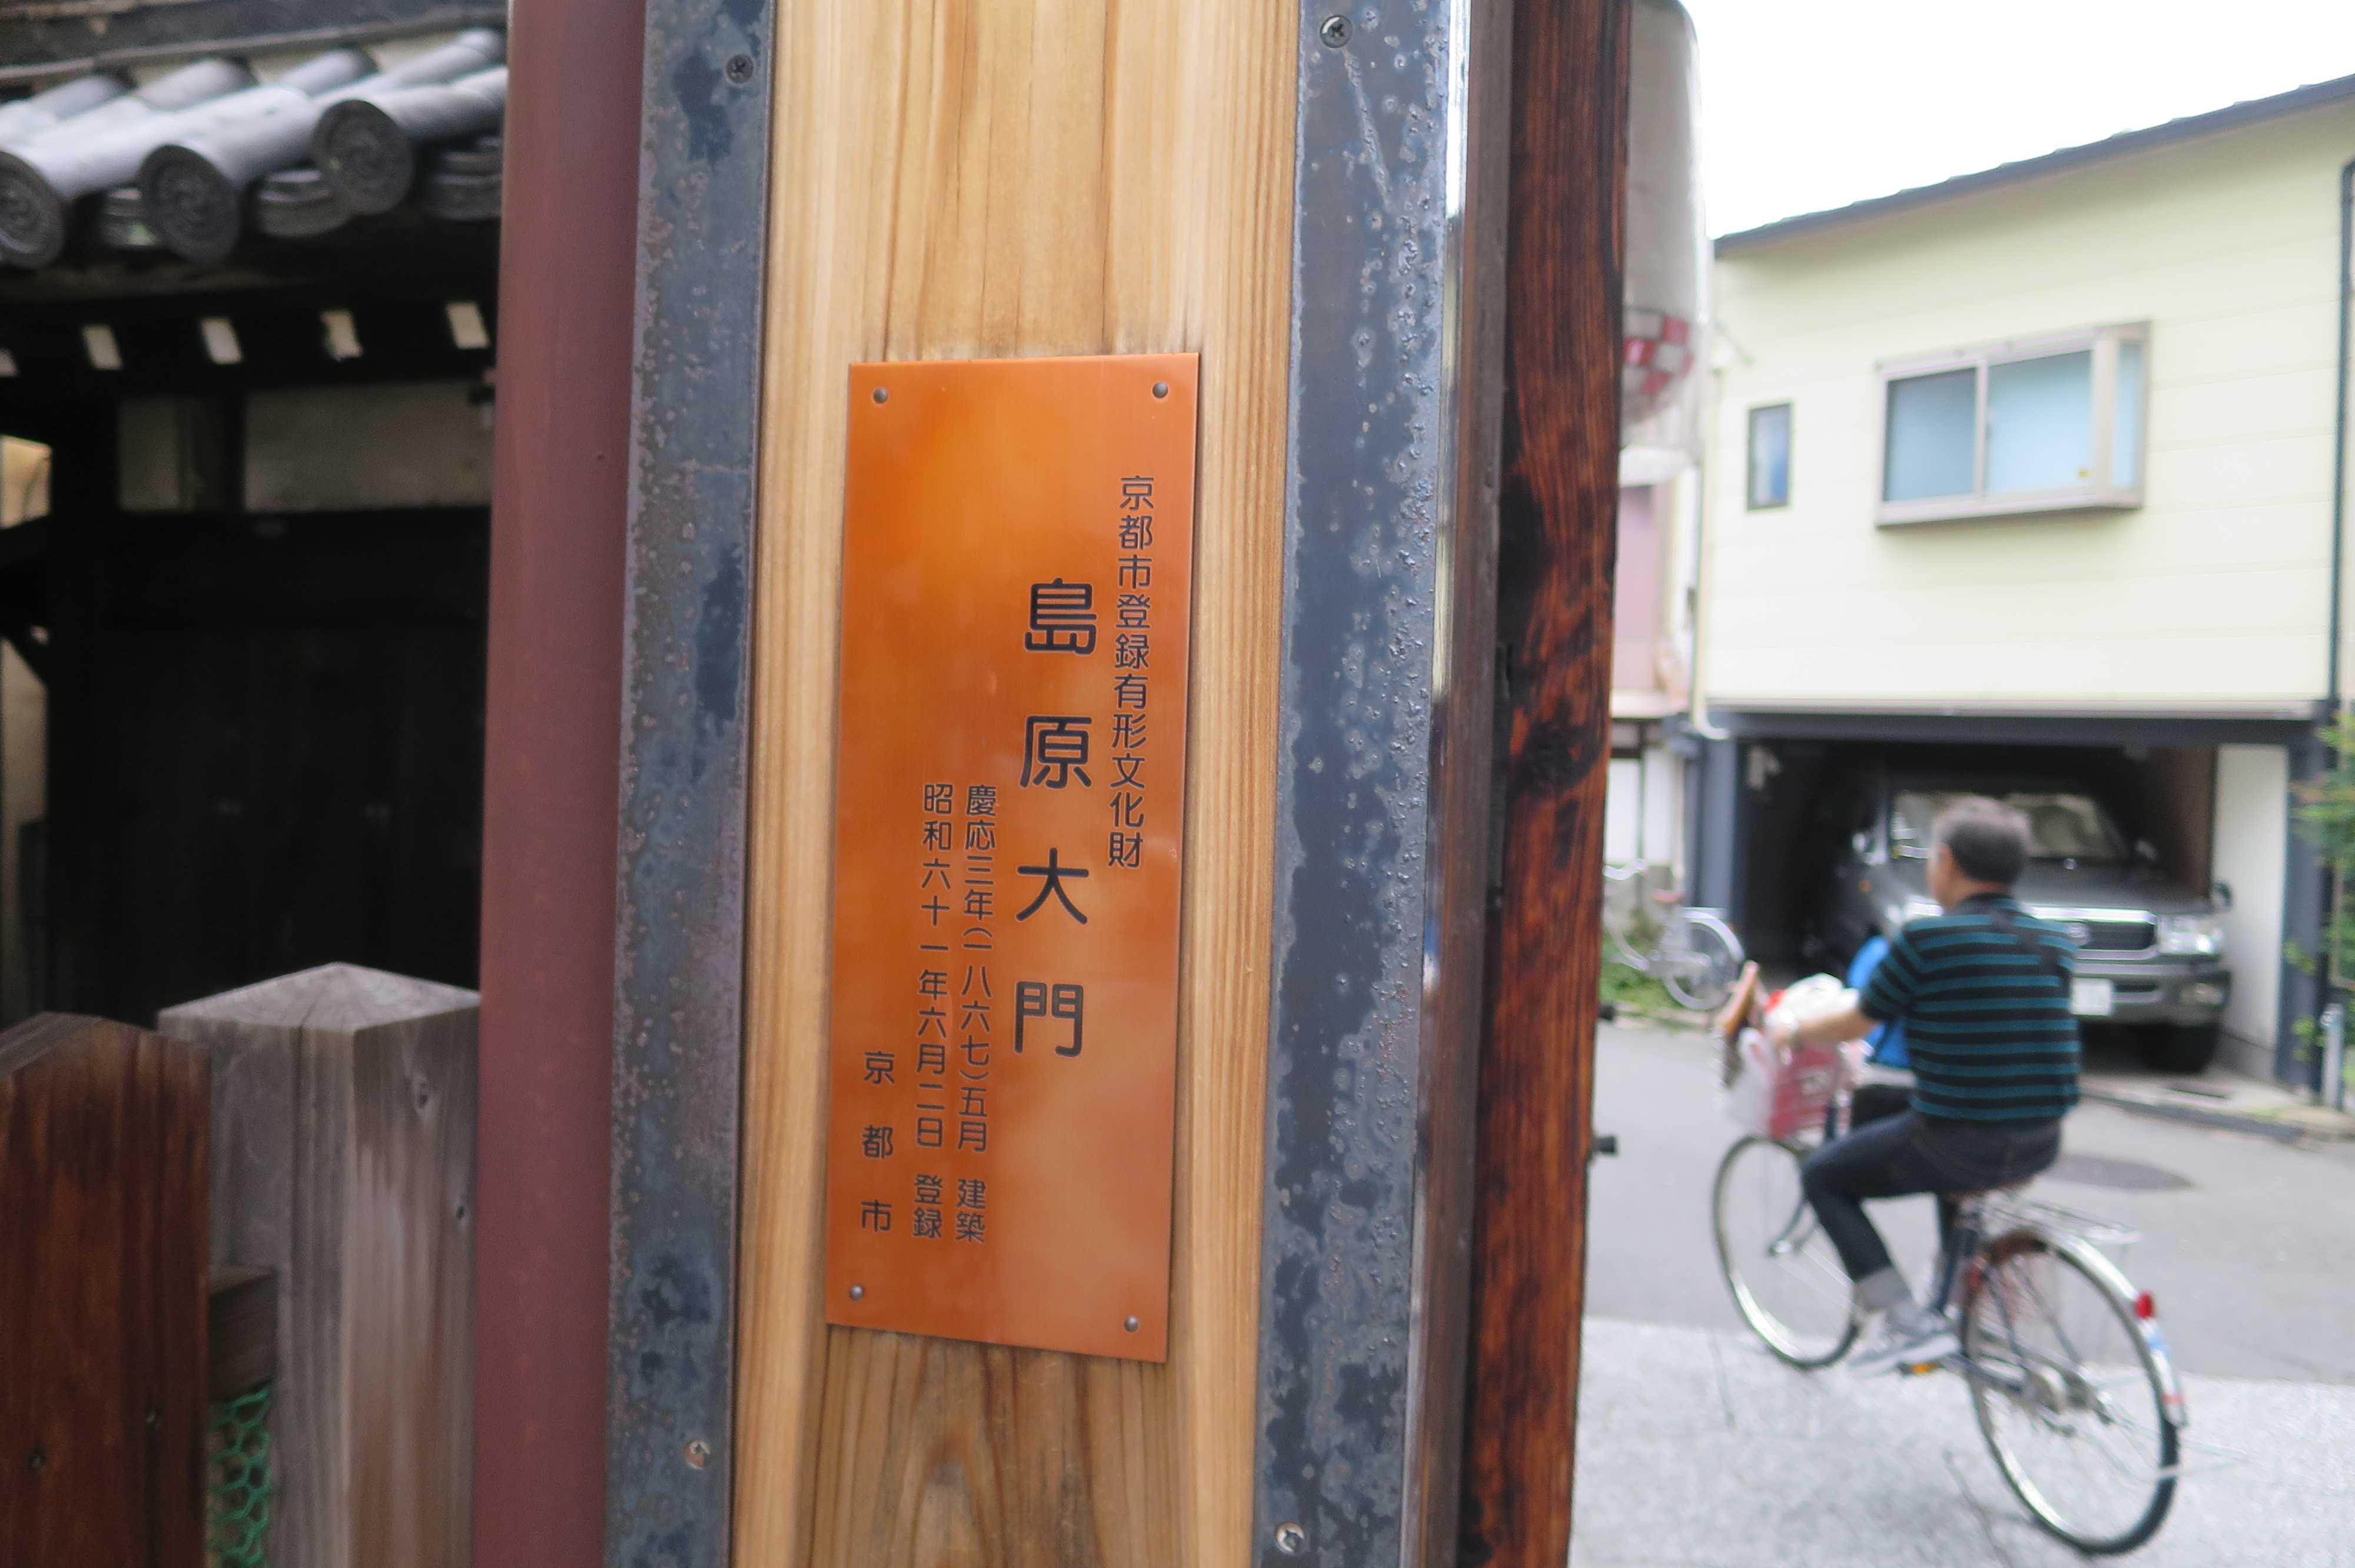 京都市登録有形文化財 島原大門 慶応3年(1867年)5月 建築